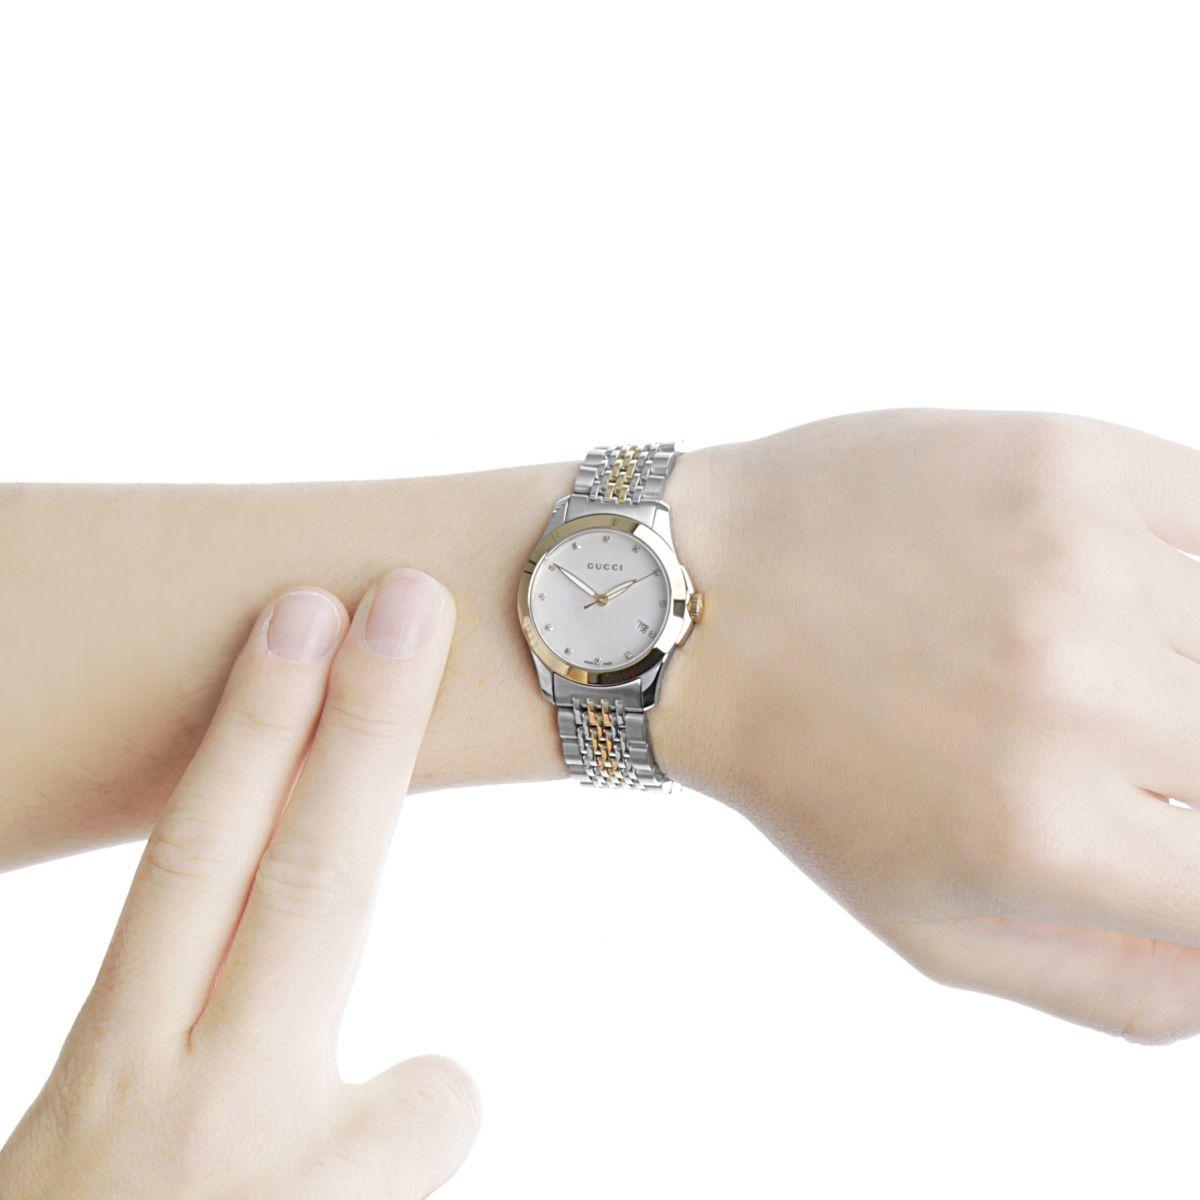 2a0bd9141e8 montre gucci timeless